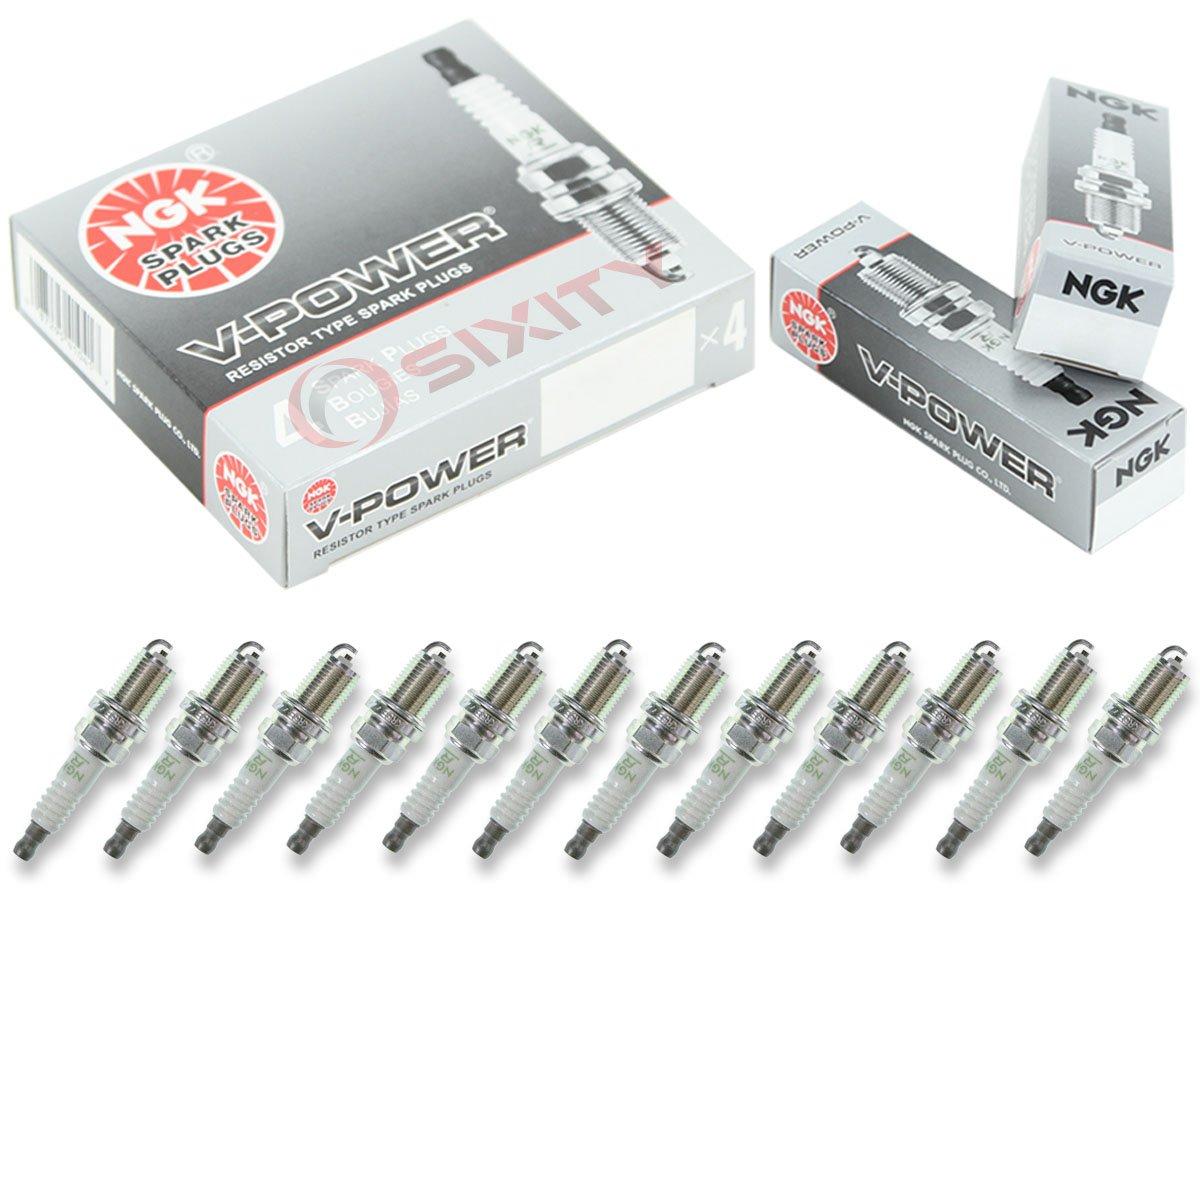 NGK Standard Plug Spark Plugs 2003-2005 Mercedes-Benz C240 2.6L V6 12